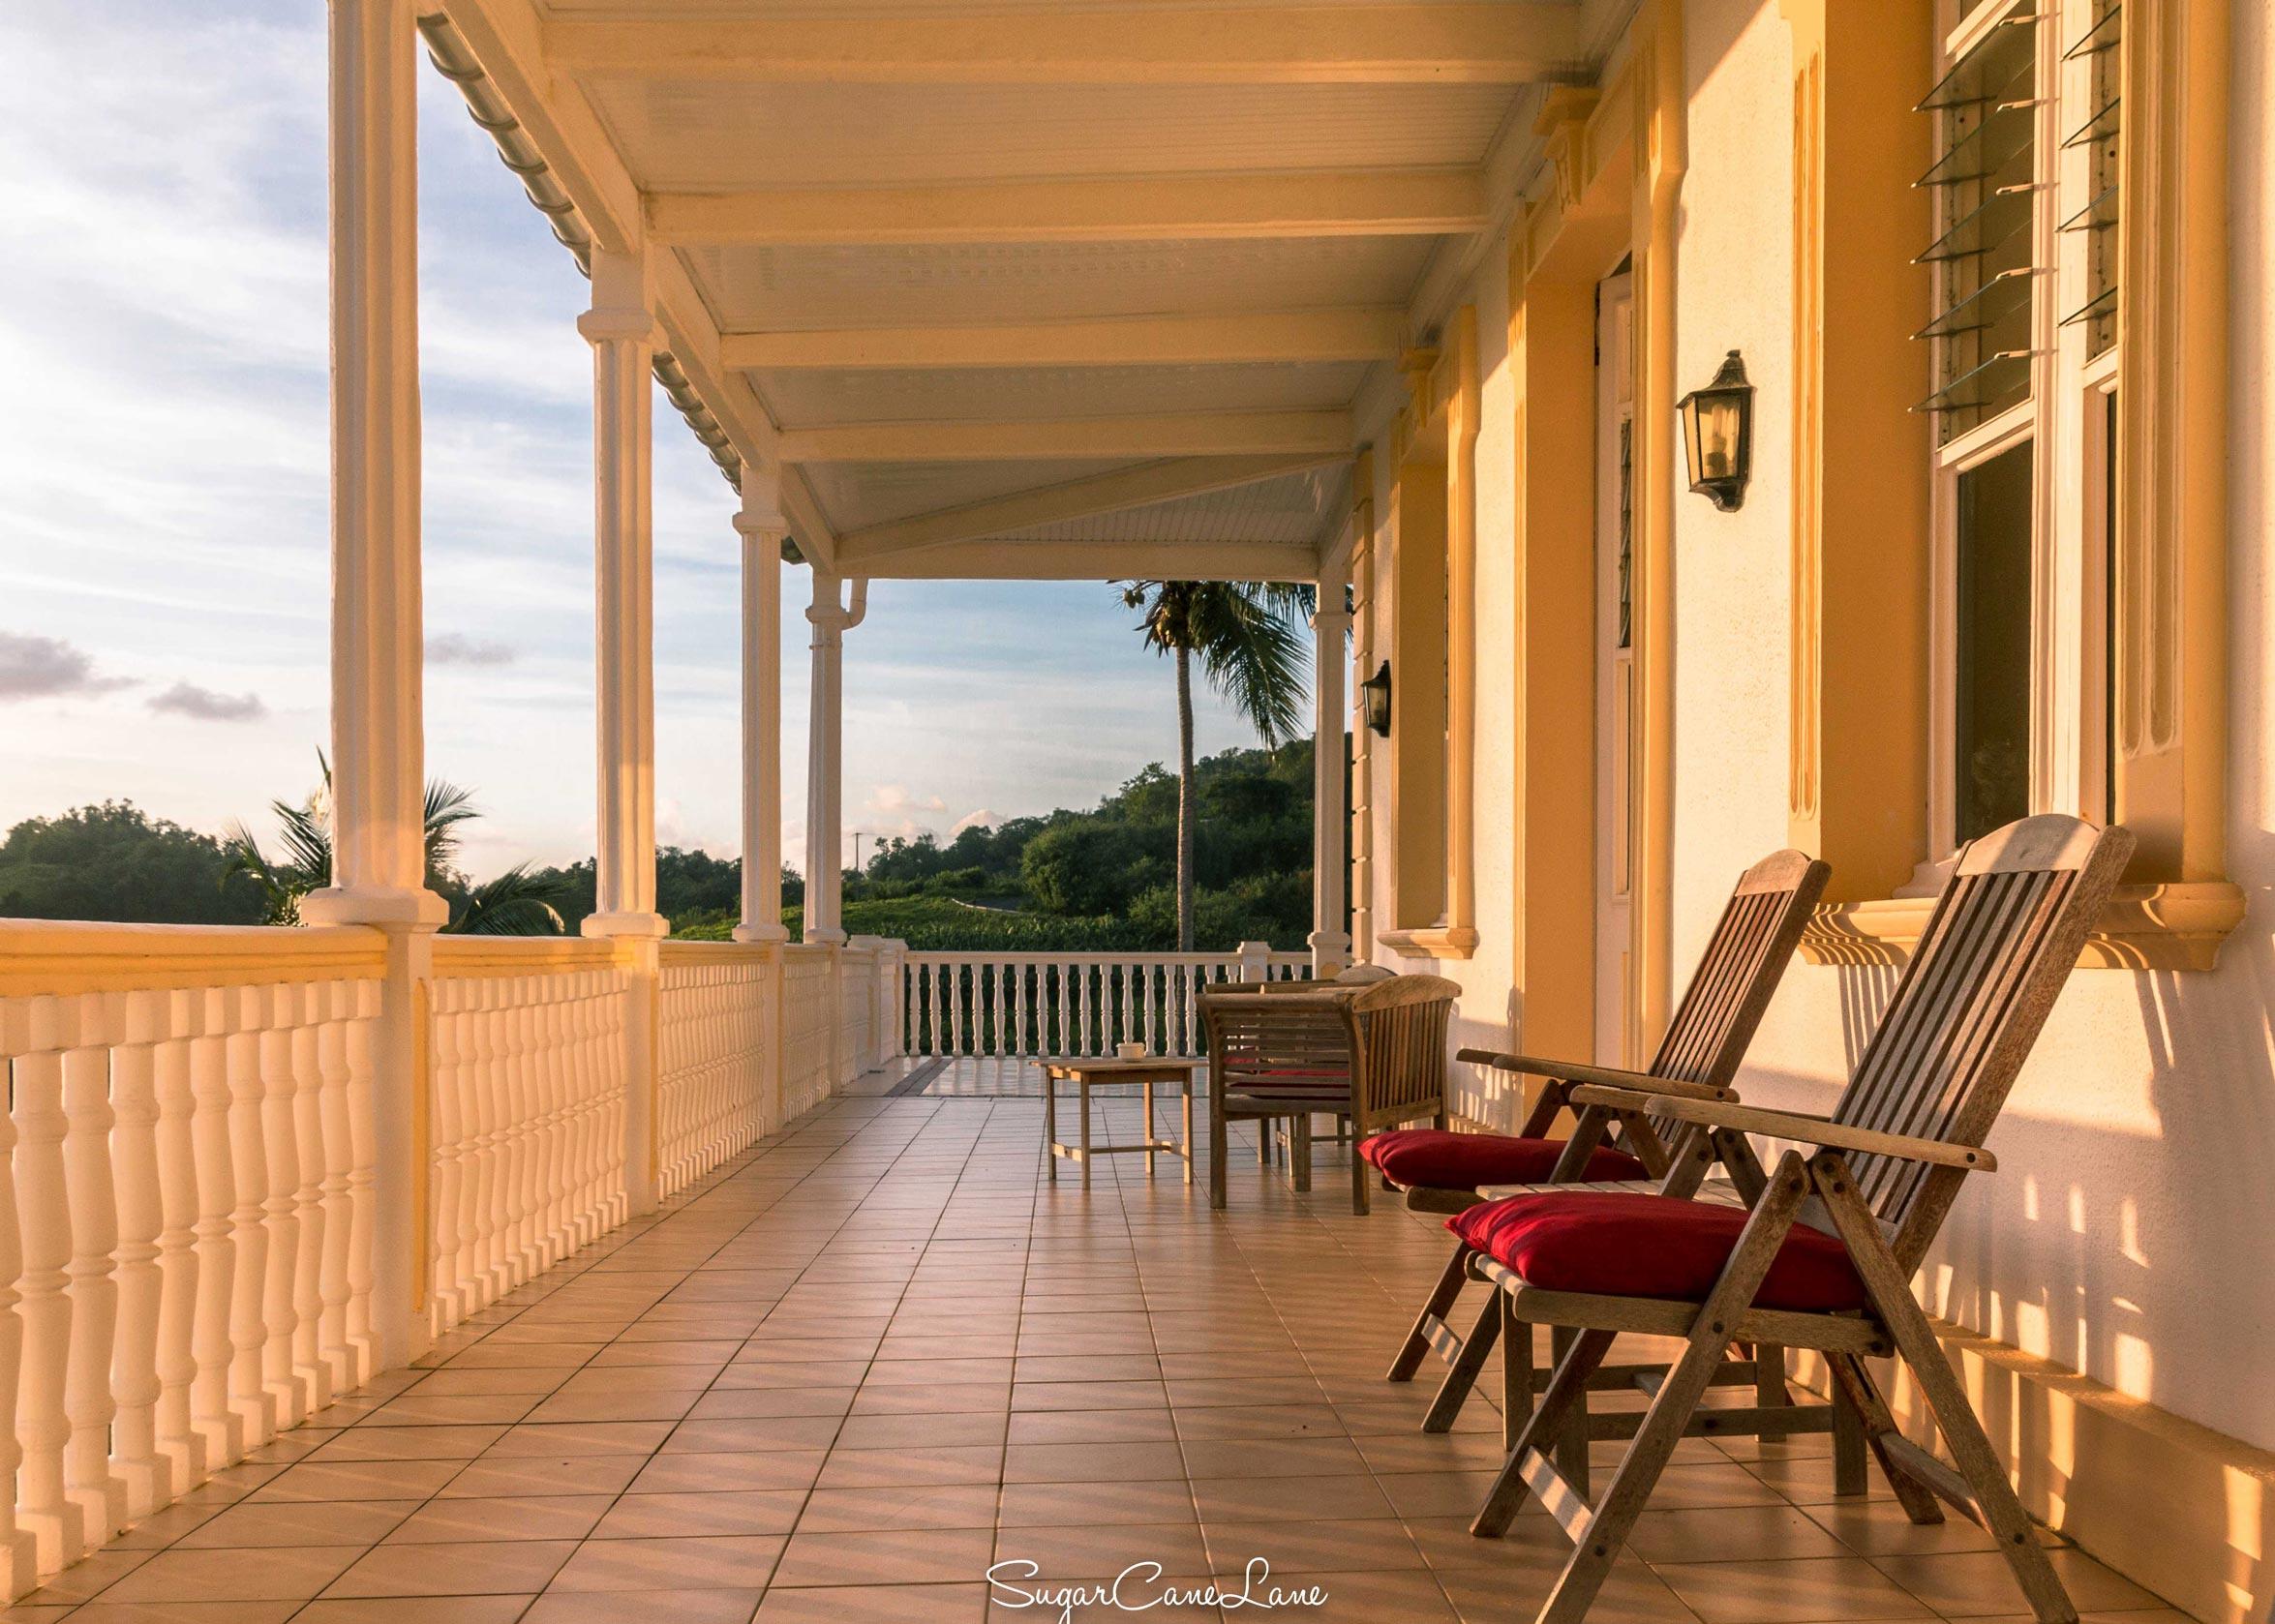 martinique, domaine saint-aubin : sunrise veranda maison creole et fauteuils en teck